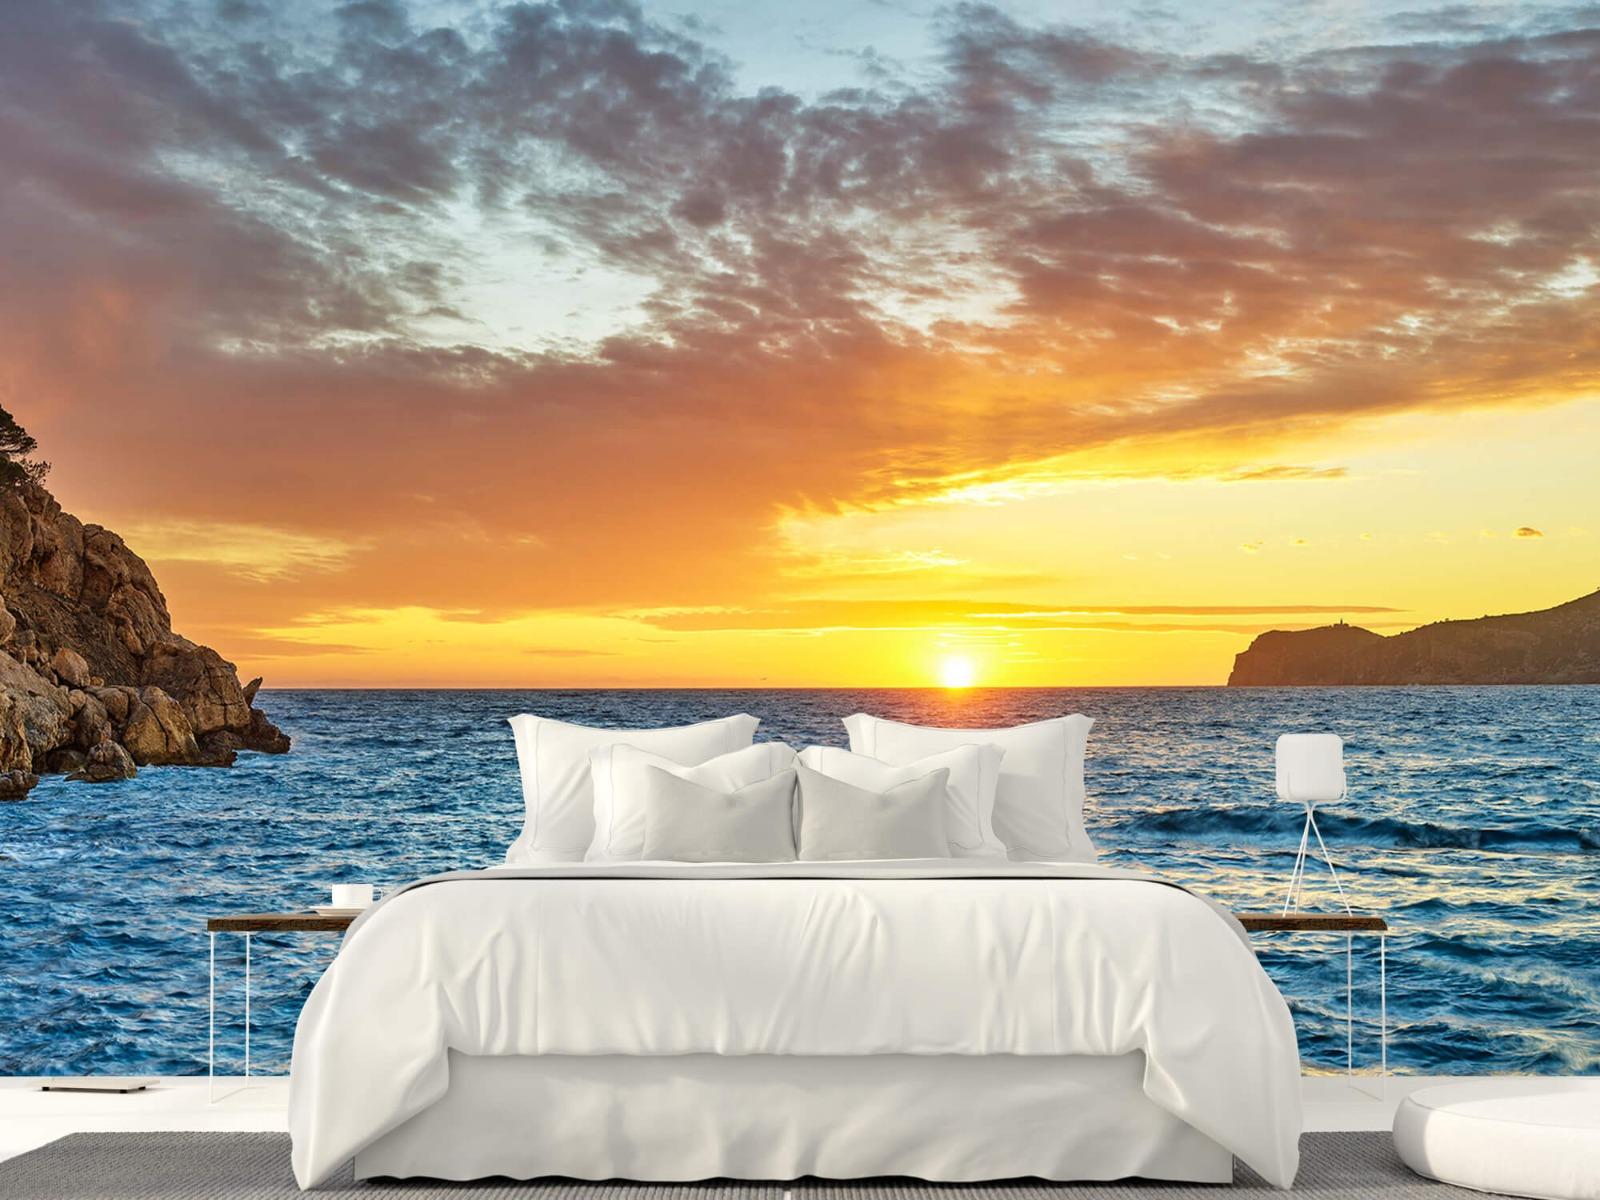 Zon - Zonsondergang op een eiland - Slaapkamer 23